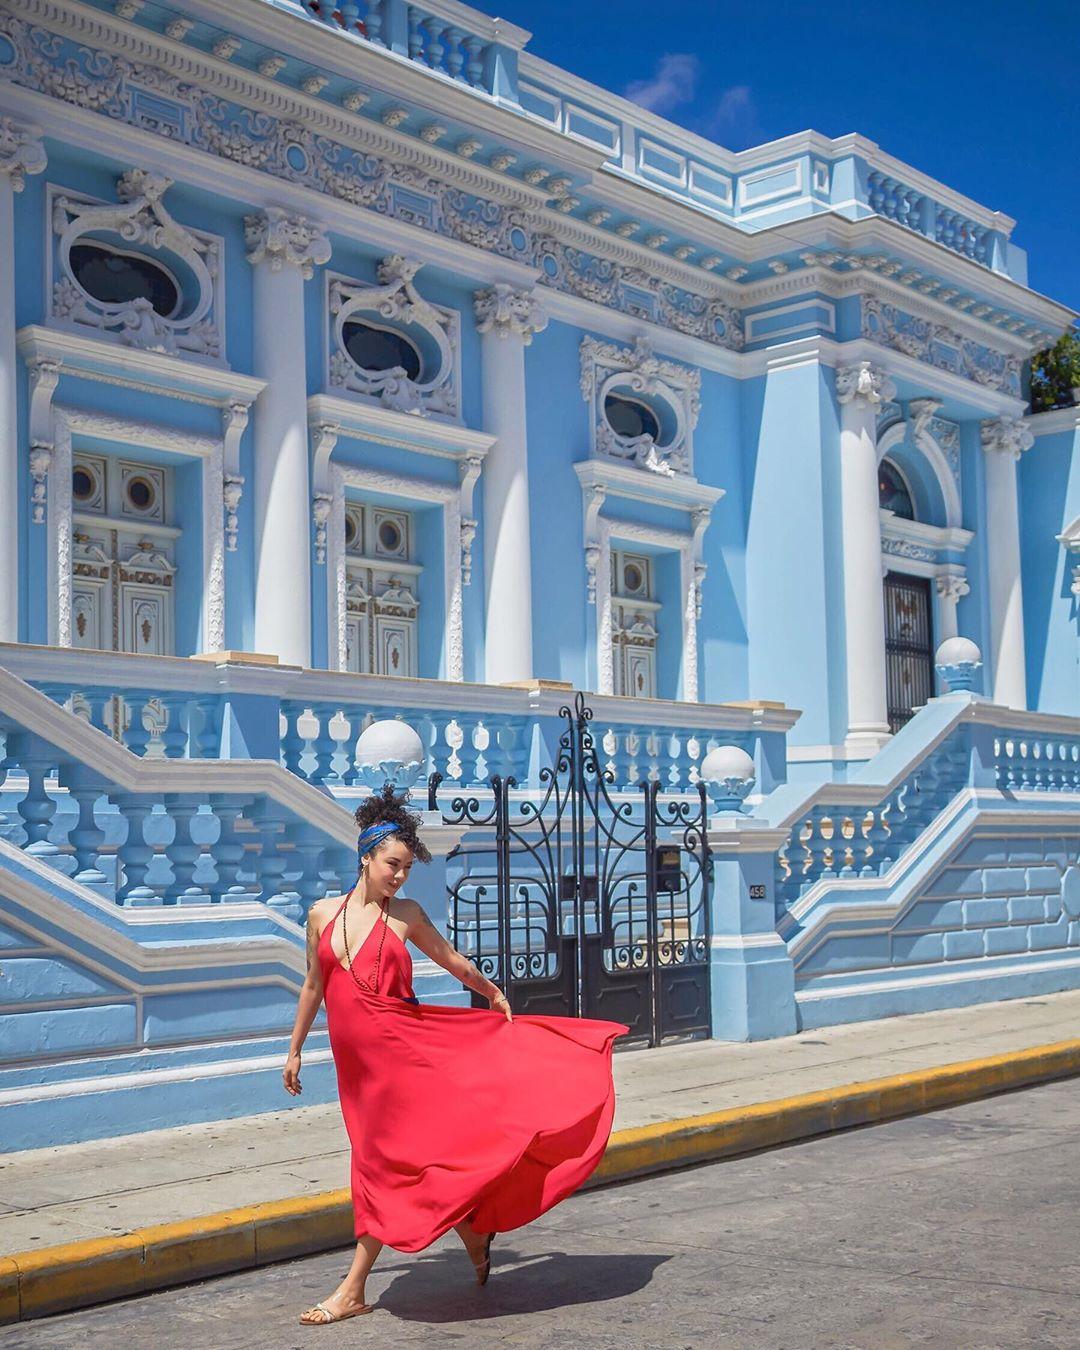 Casa de la cultura jurídica merida yucatan top yucatan instagram